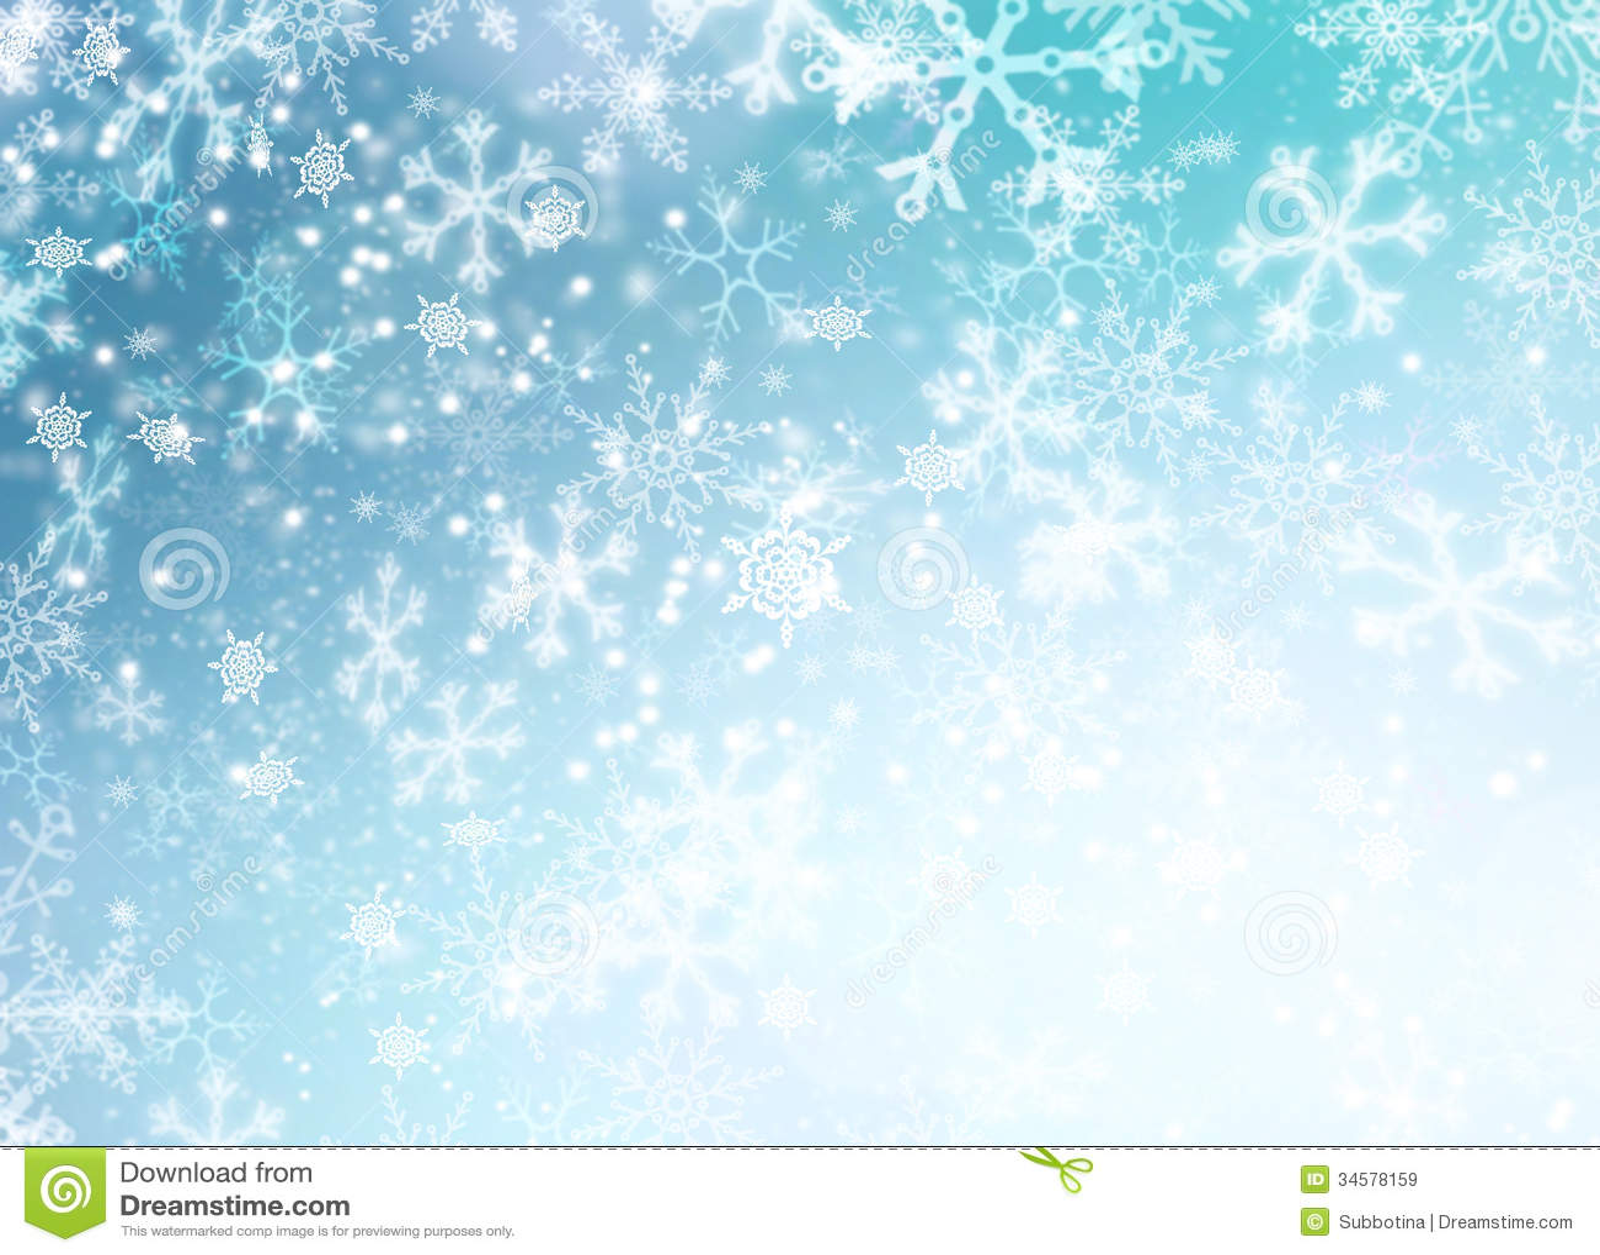 Fondo della neve di vacanza invernale